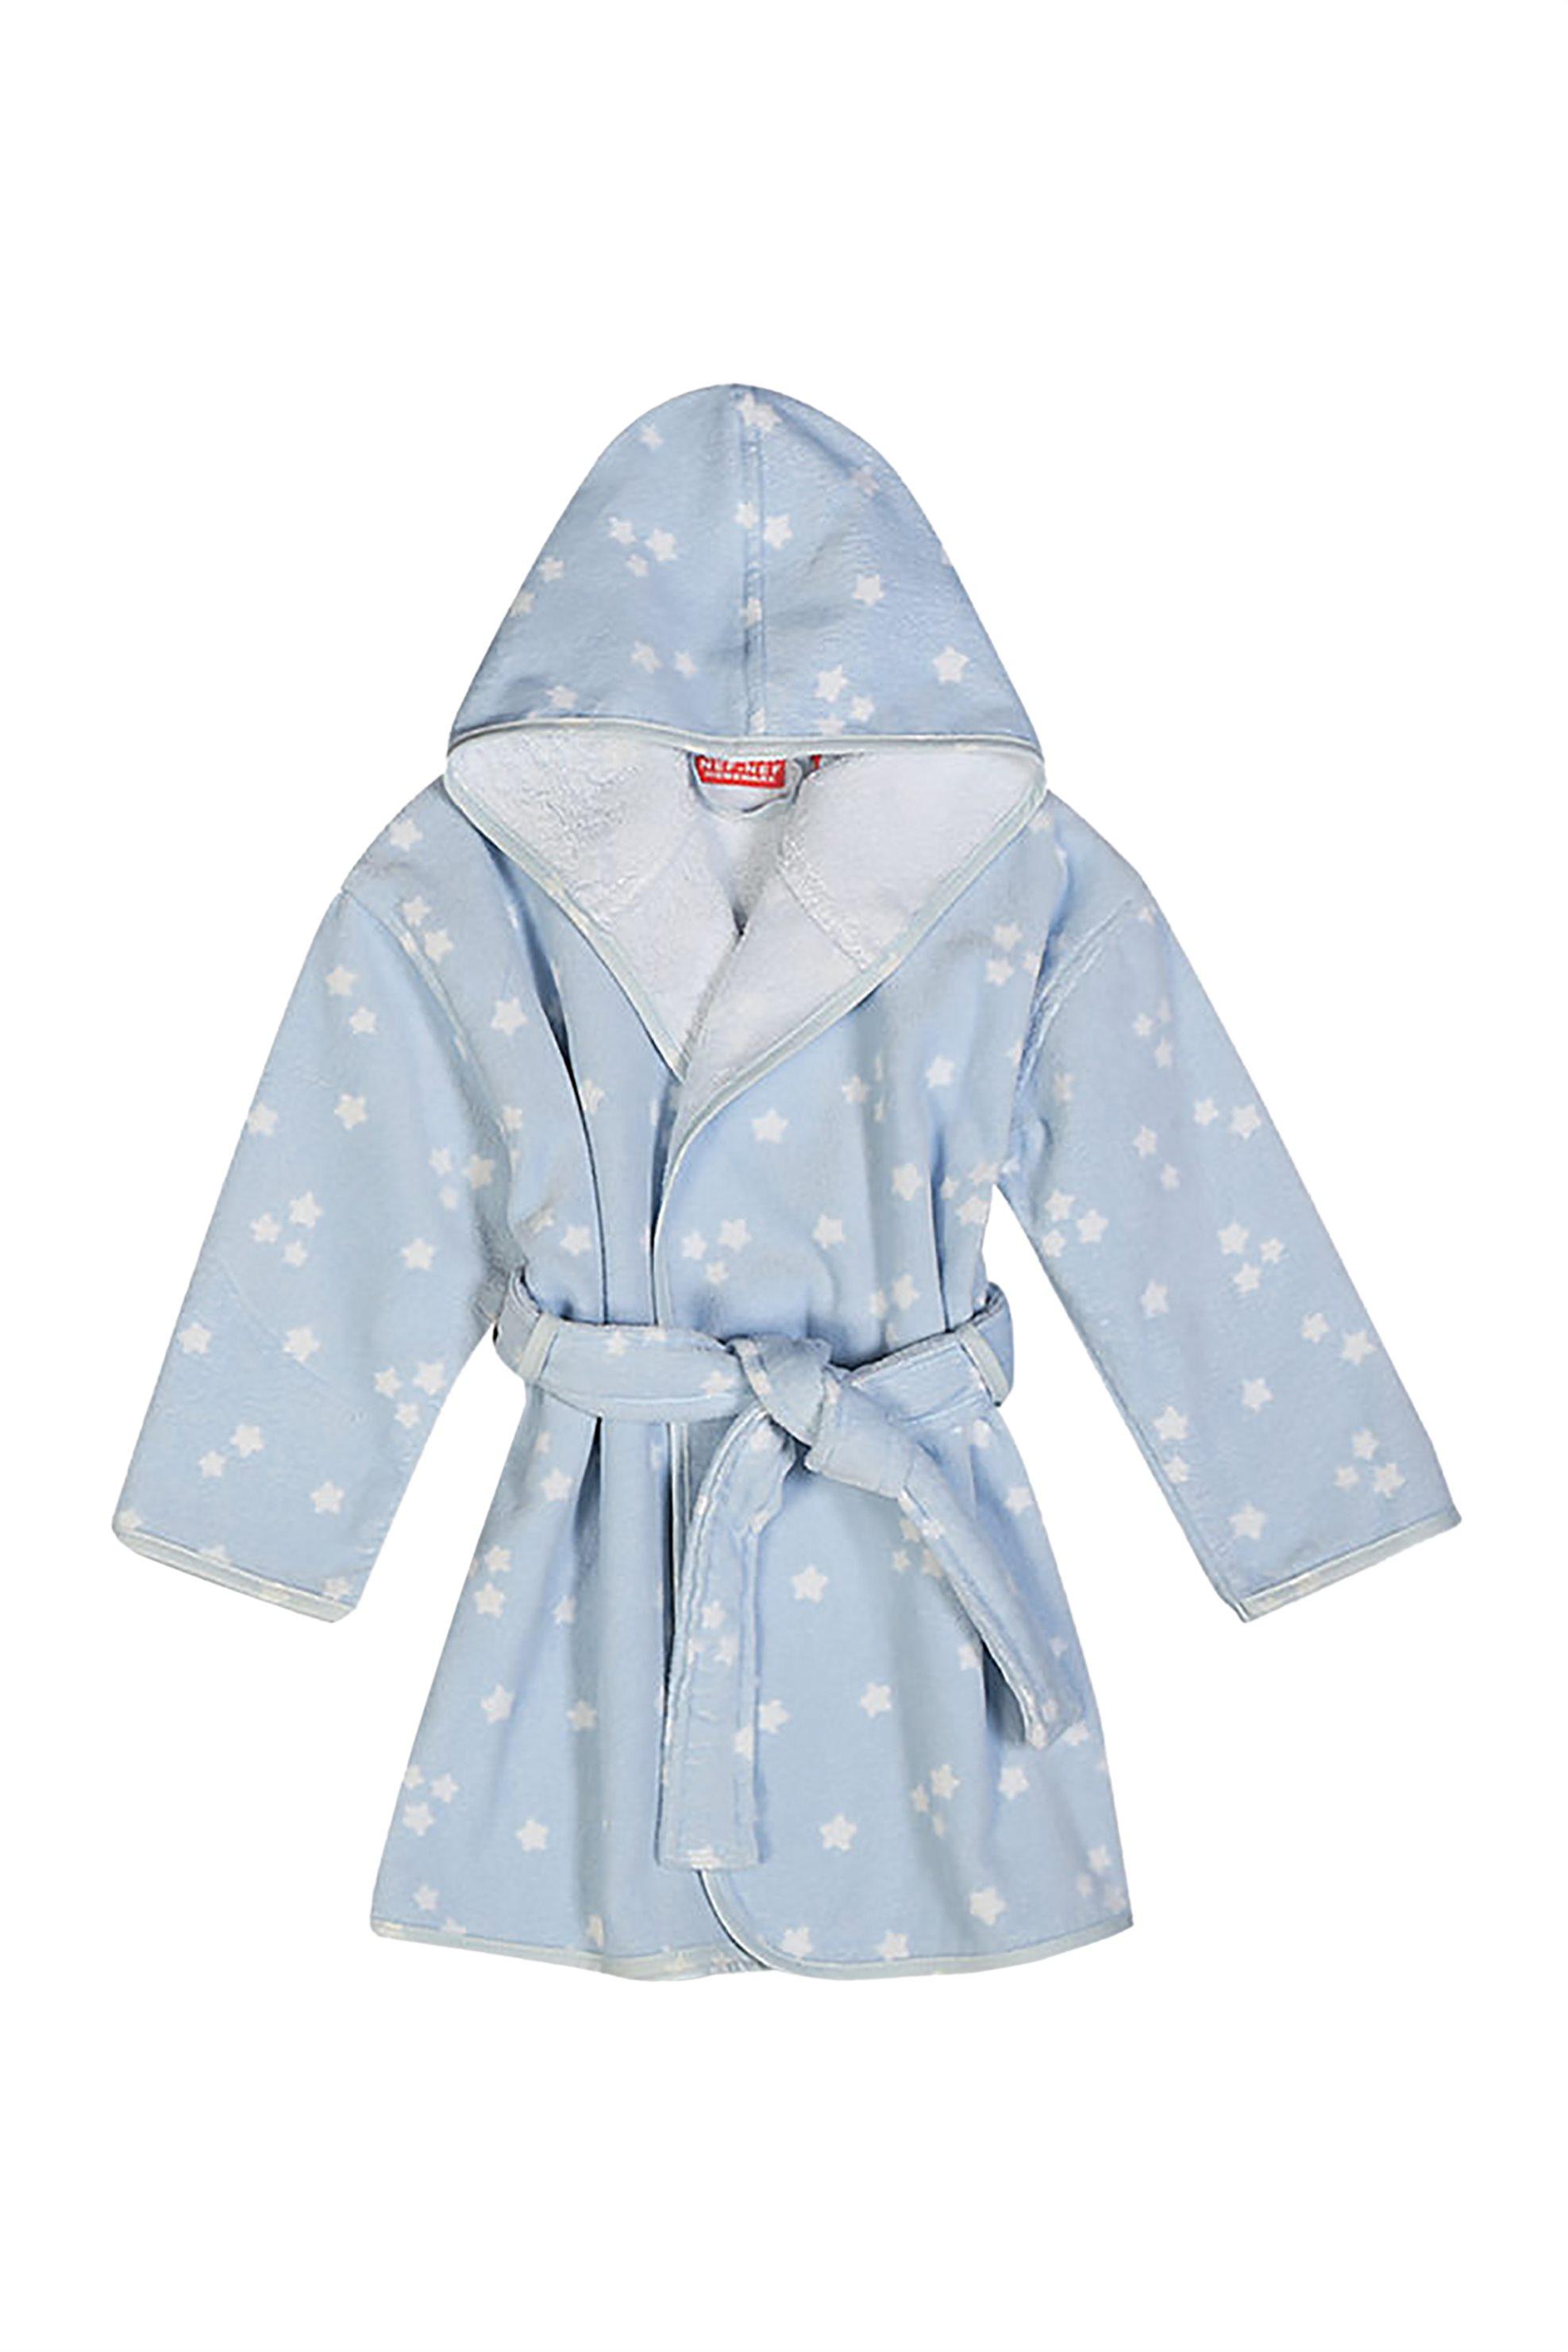 NEF-NEF Βρεφικό μπουρνούζι Lovely Day  - 020636 - Ανοιχτό Γαλάζιο home   παιδια   παιδικά μπουρνούζια   ρόμπες